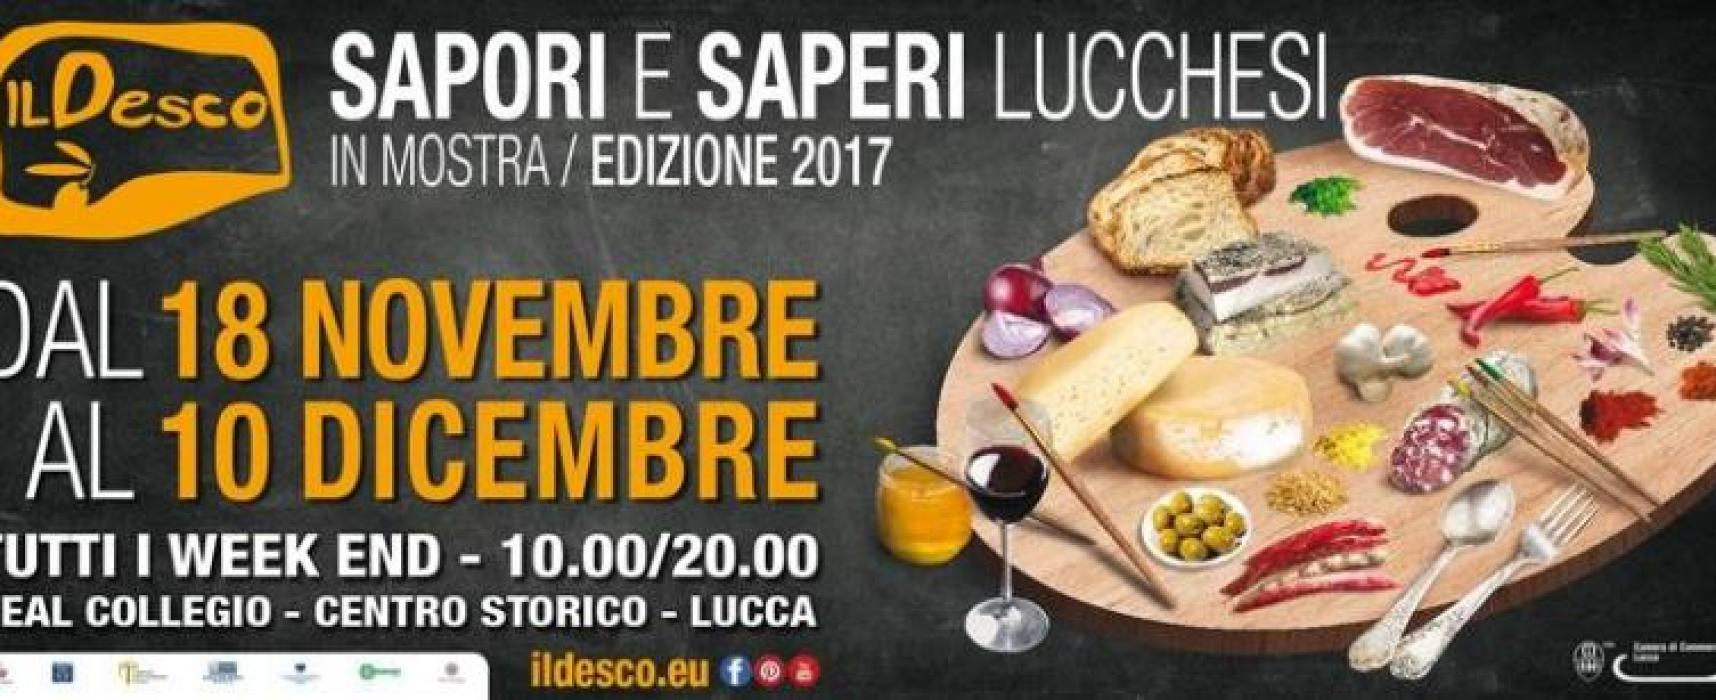 IL DESCO –  Sapori e Saperi Lucchesi in mostra edizione 2017